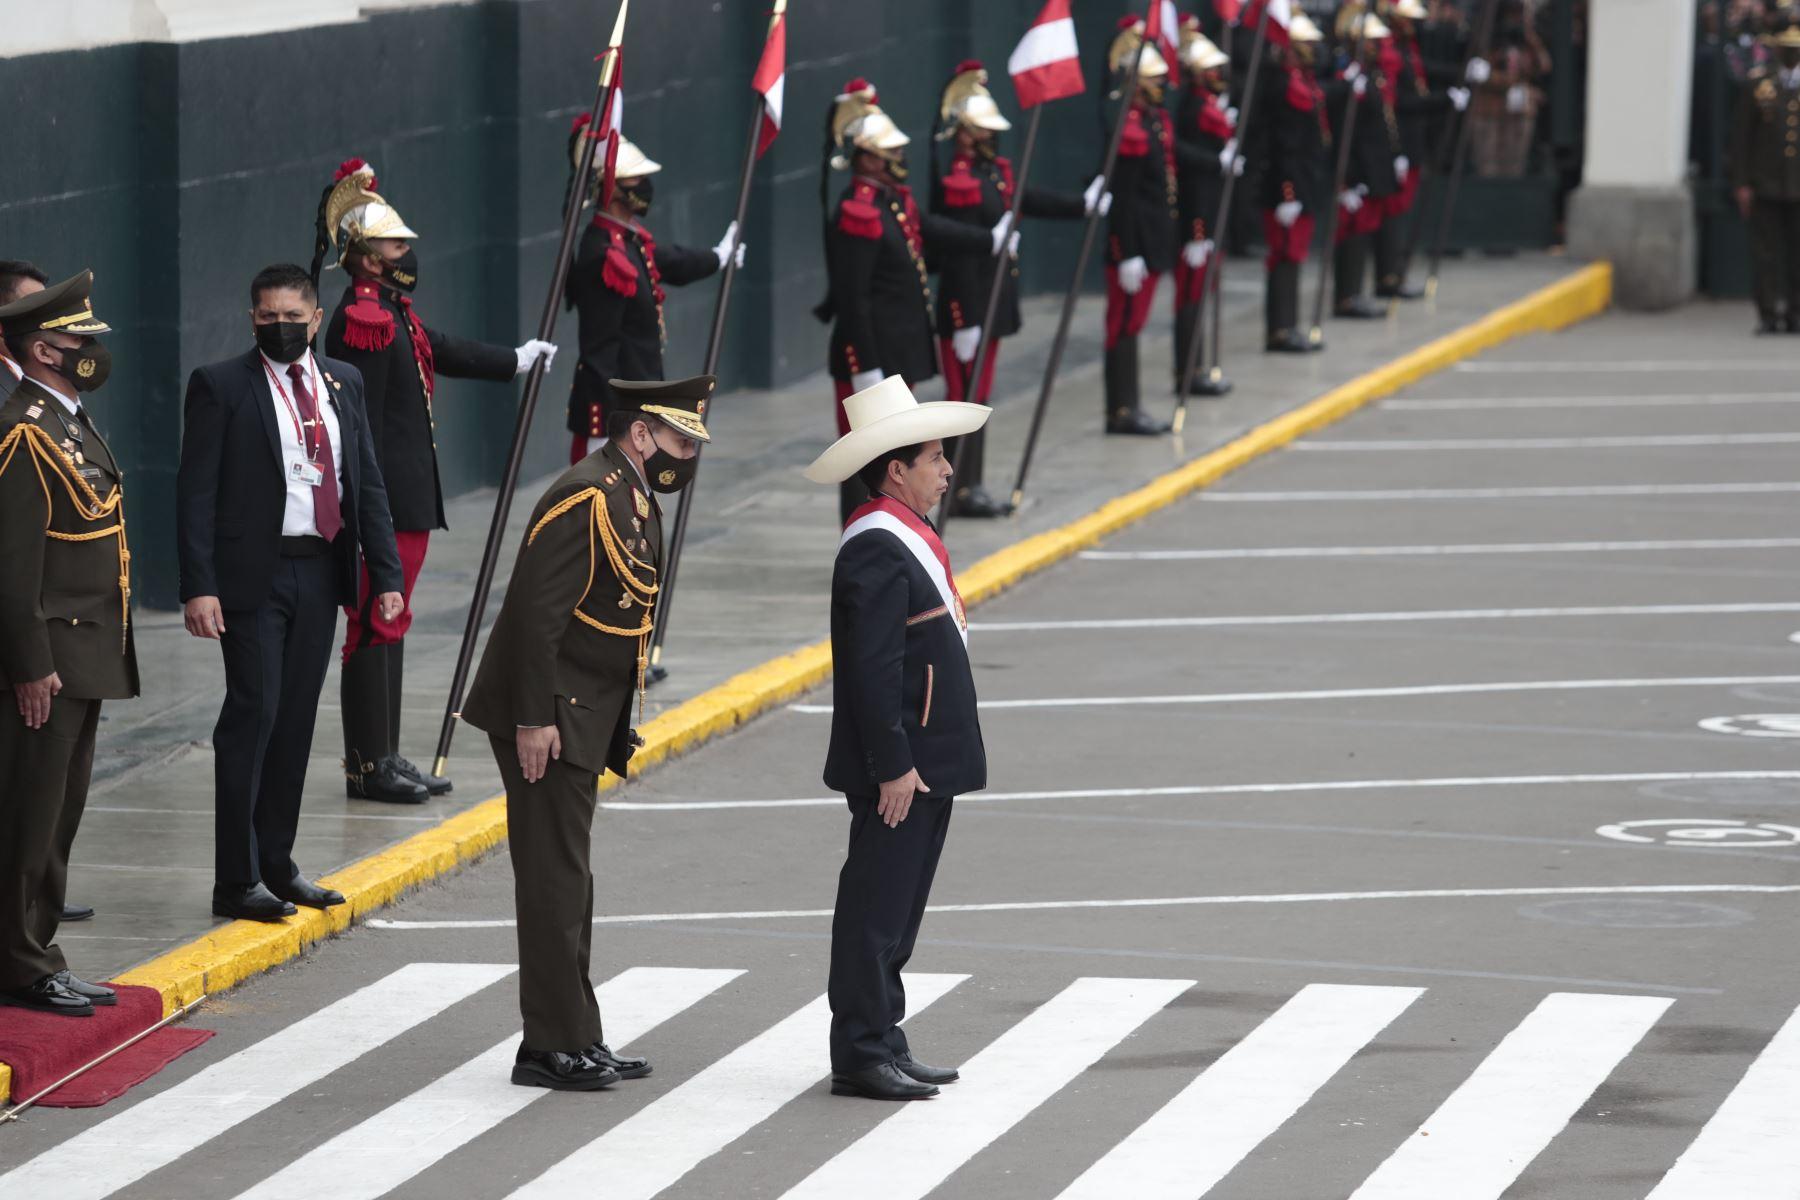 Presidente de la República, Pedro Castillo, a su salida del Congreso de la República tras dar Mensaje a la Nación. Foto: ANDINA/Renato Pajuelo